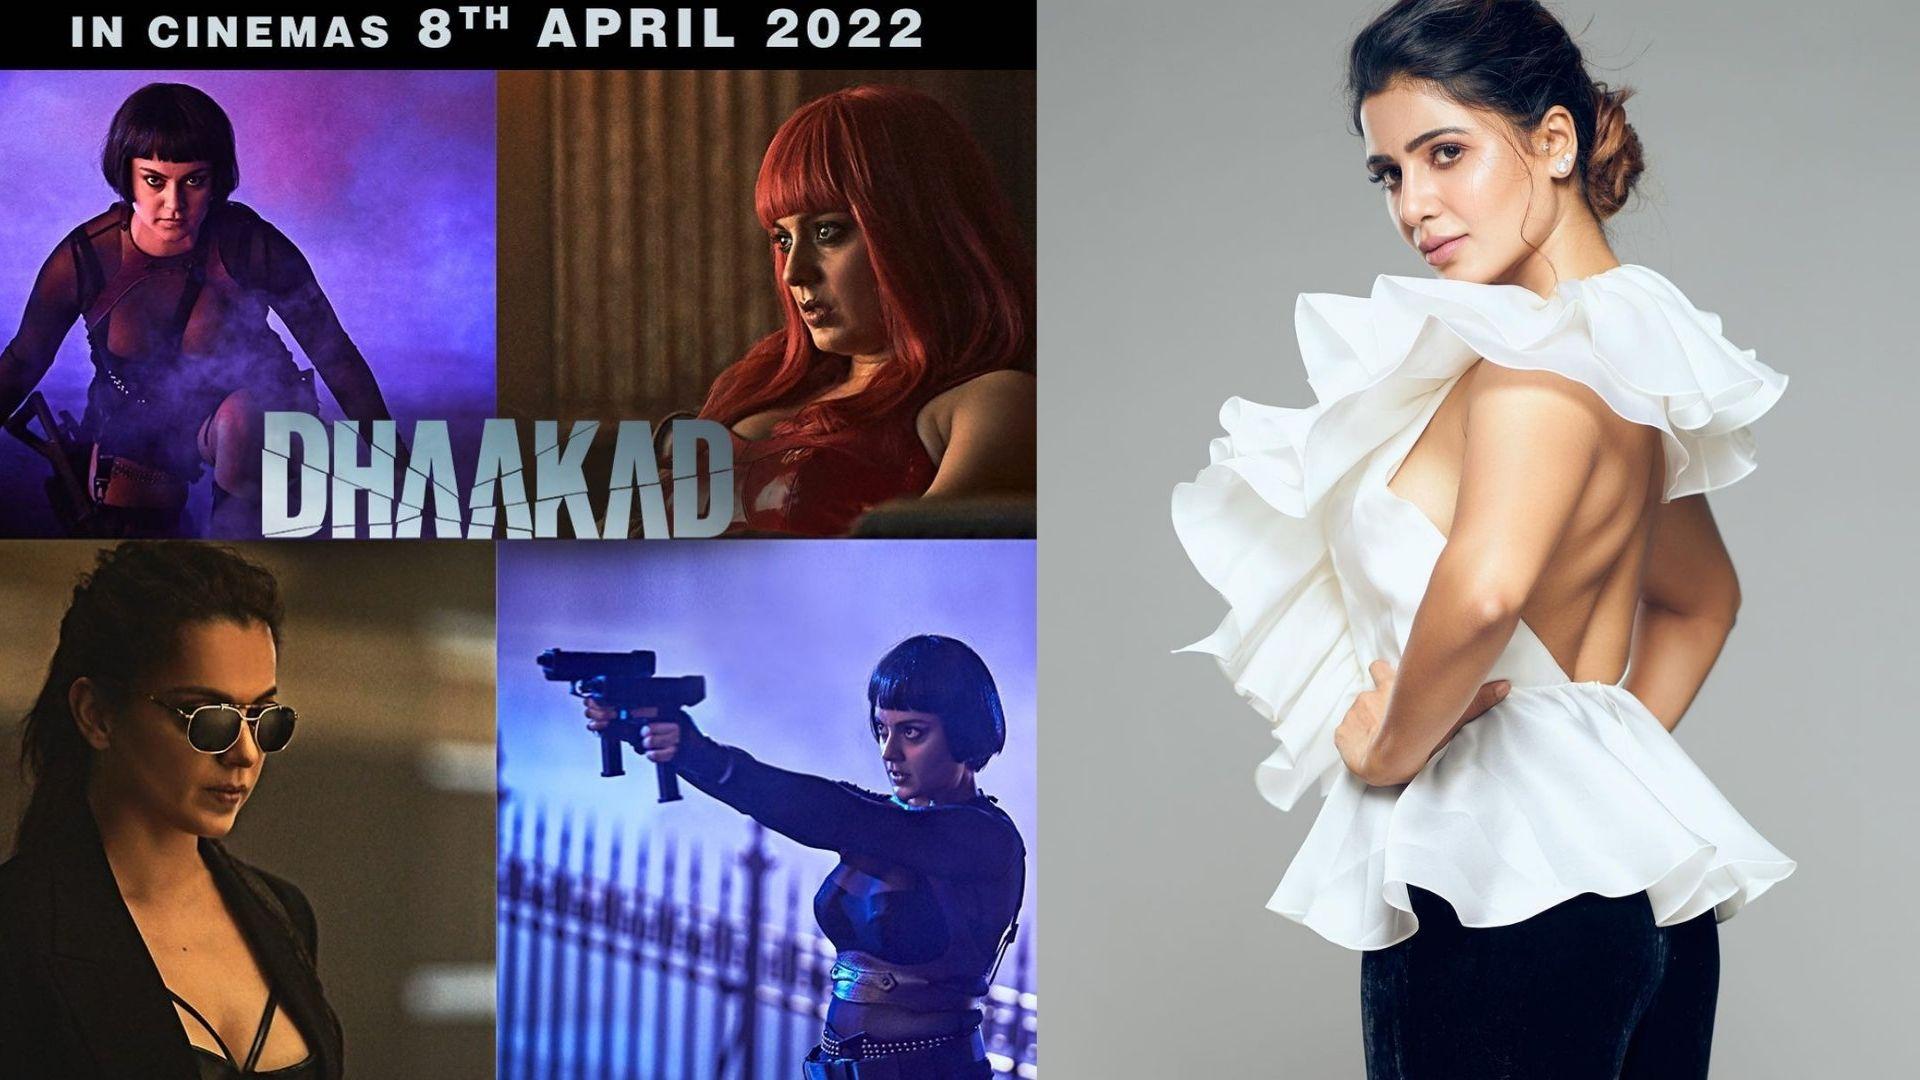 Dhaakad: Kangana Ranaut's Upcoming Film Poster Seems To Have Impressed Samantha Ruth Prabhu; Here's How